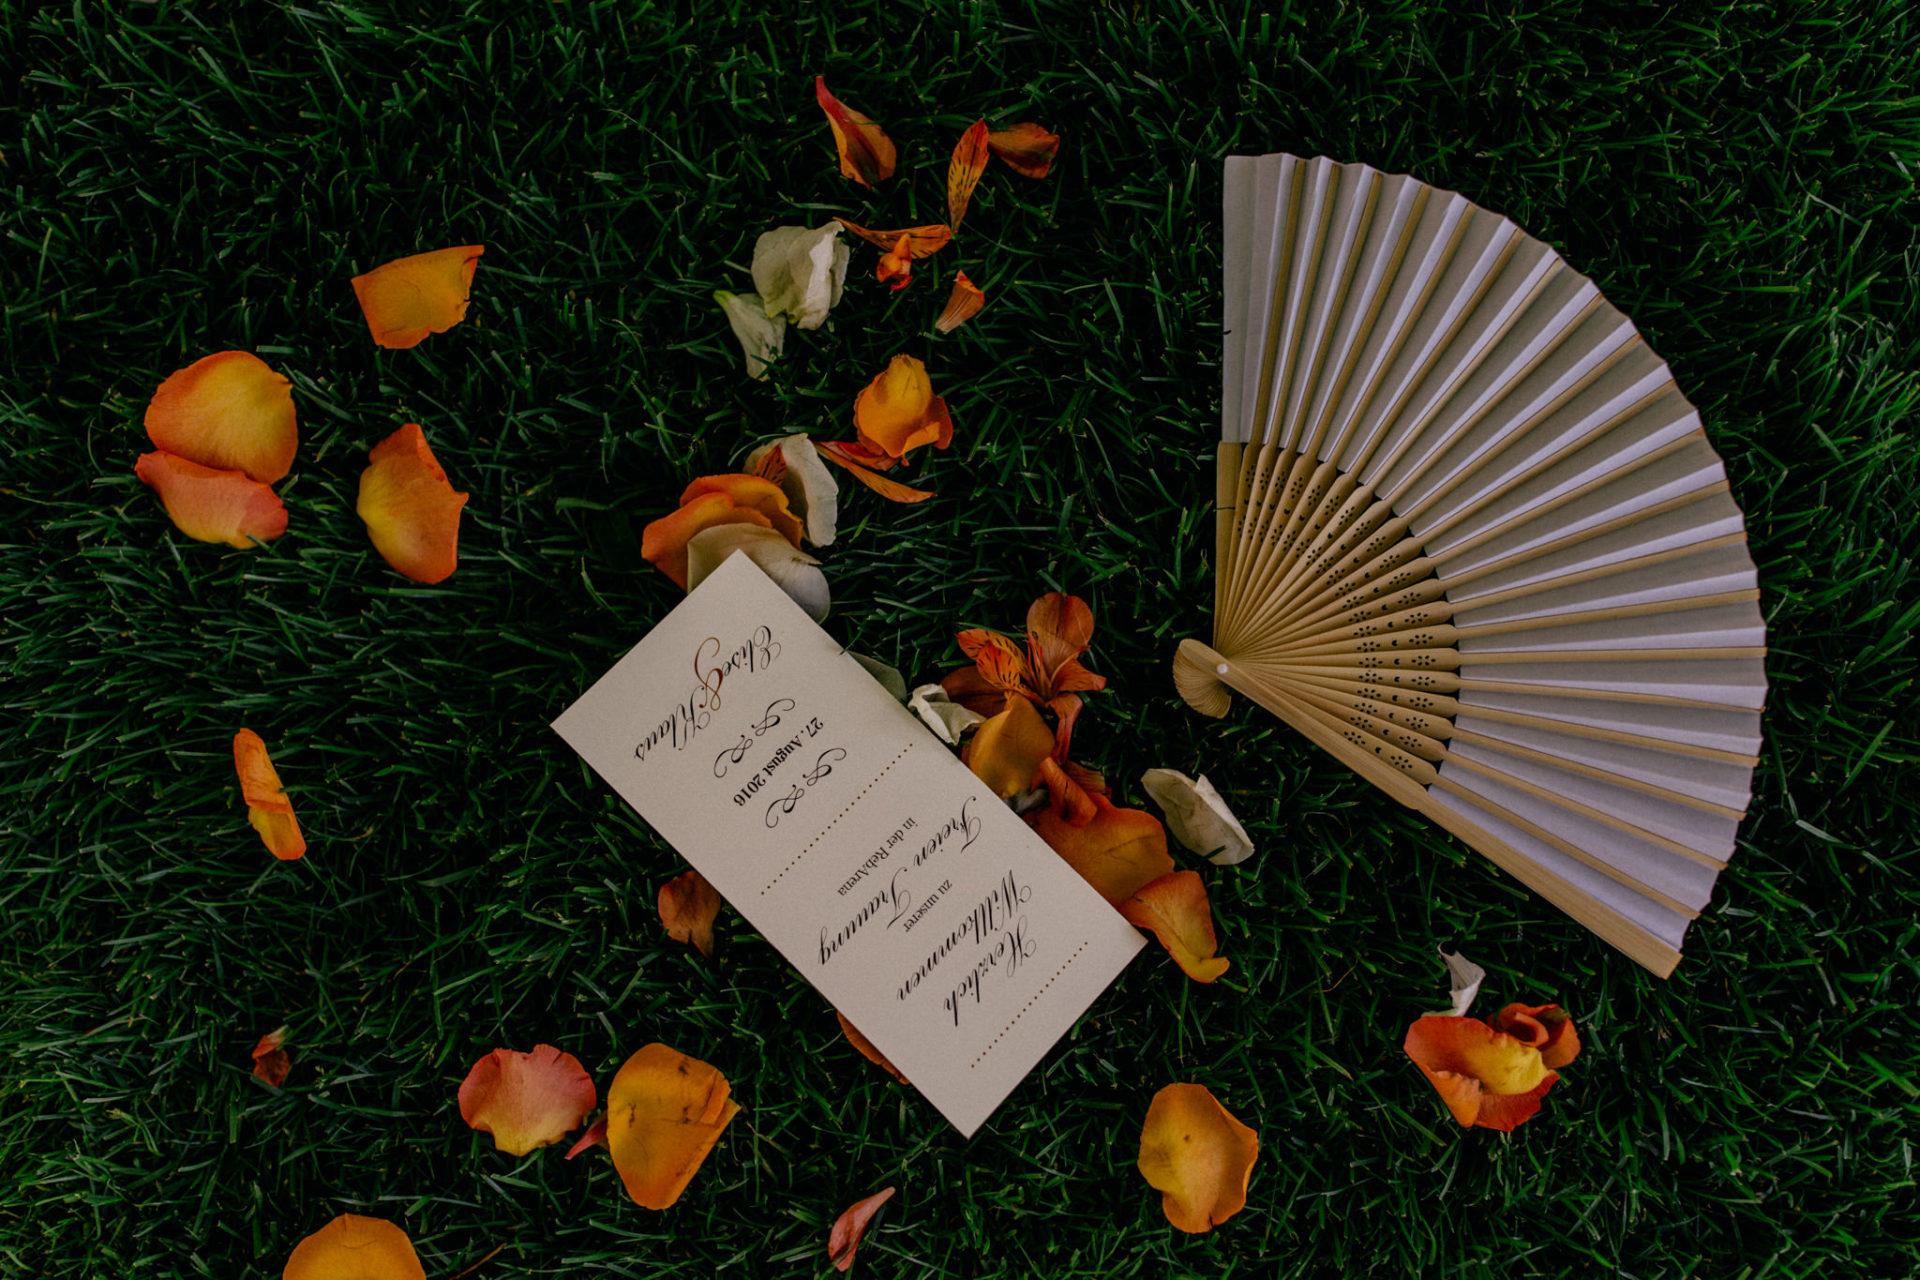 Weingut Fitz Ritter Hochzeitsfotograf-heiraten Pfalz-Sommerhochzeit Fächer Einladung